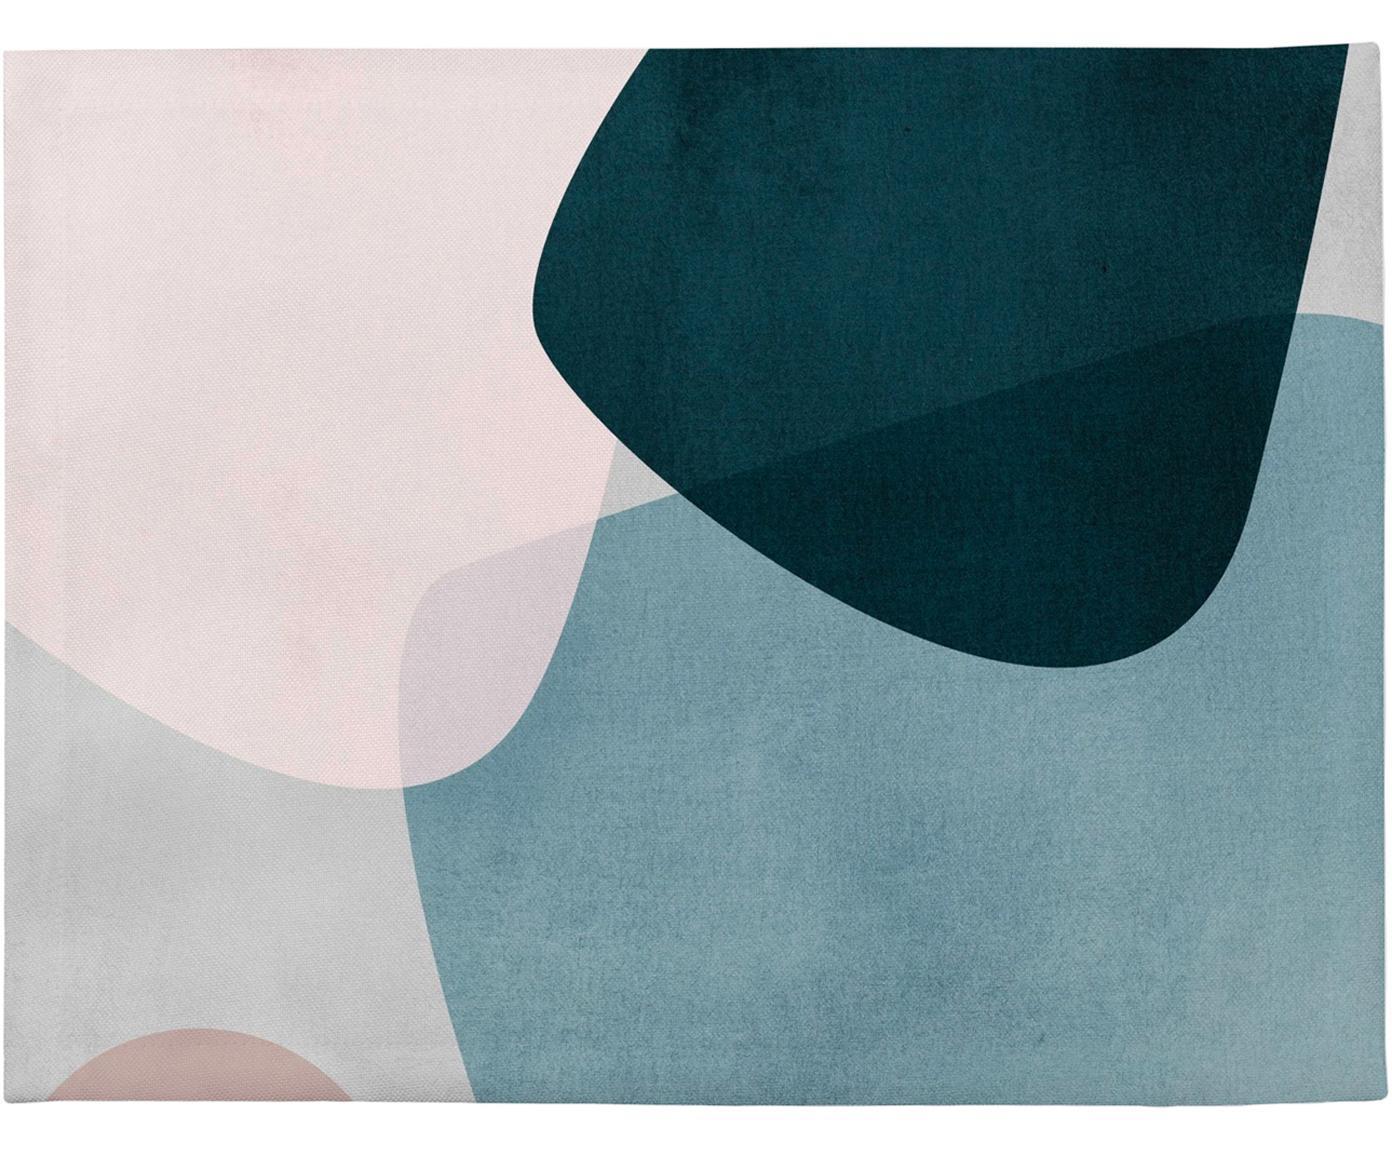 Podkładka Graphic, 4 szt., Poliester, Ciemny niebieski, niebieski, szary, blady różowy, S 35 x D 45 cm